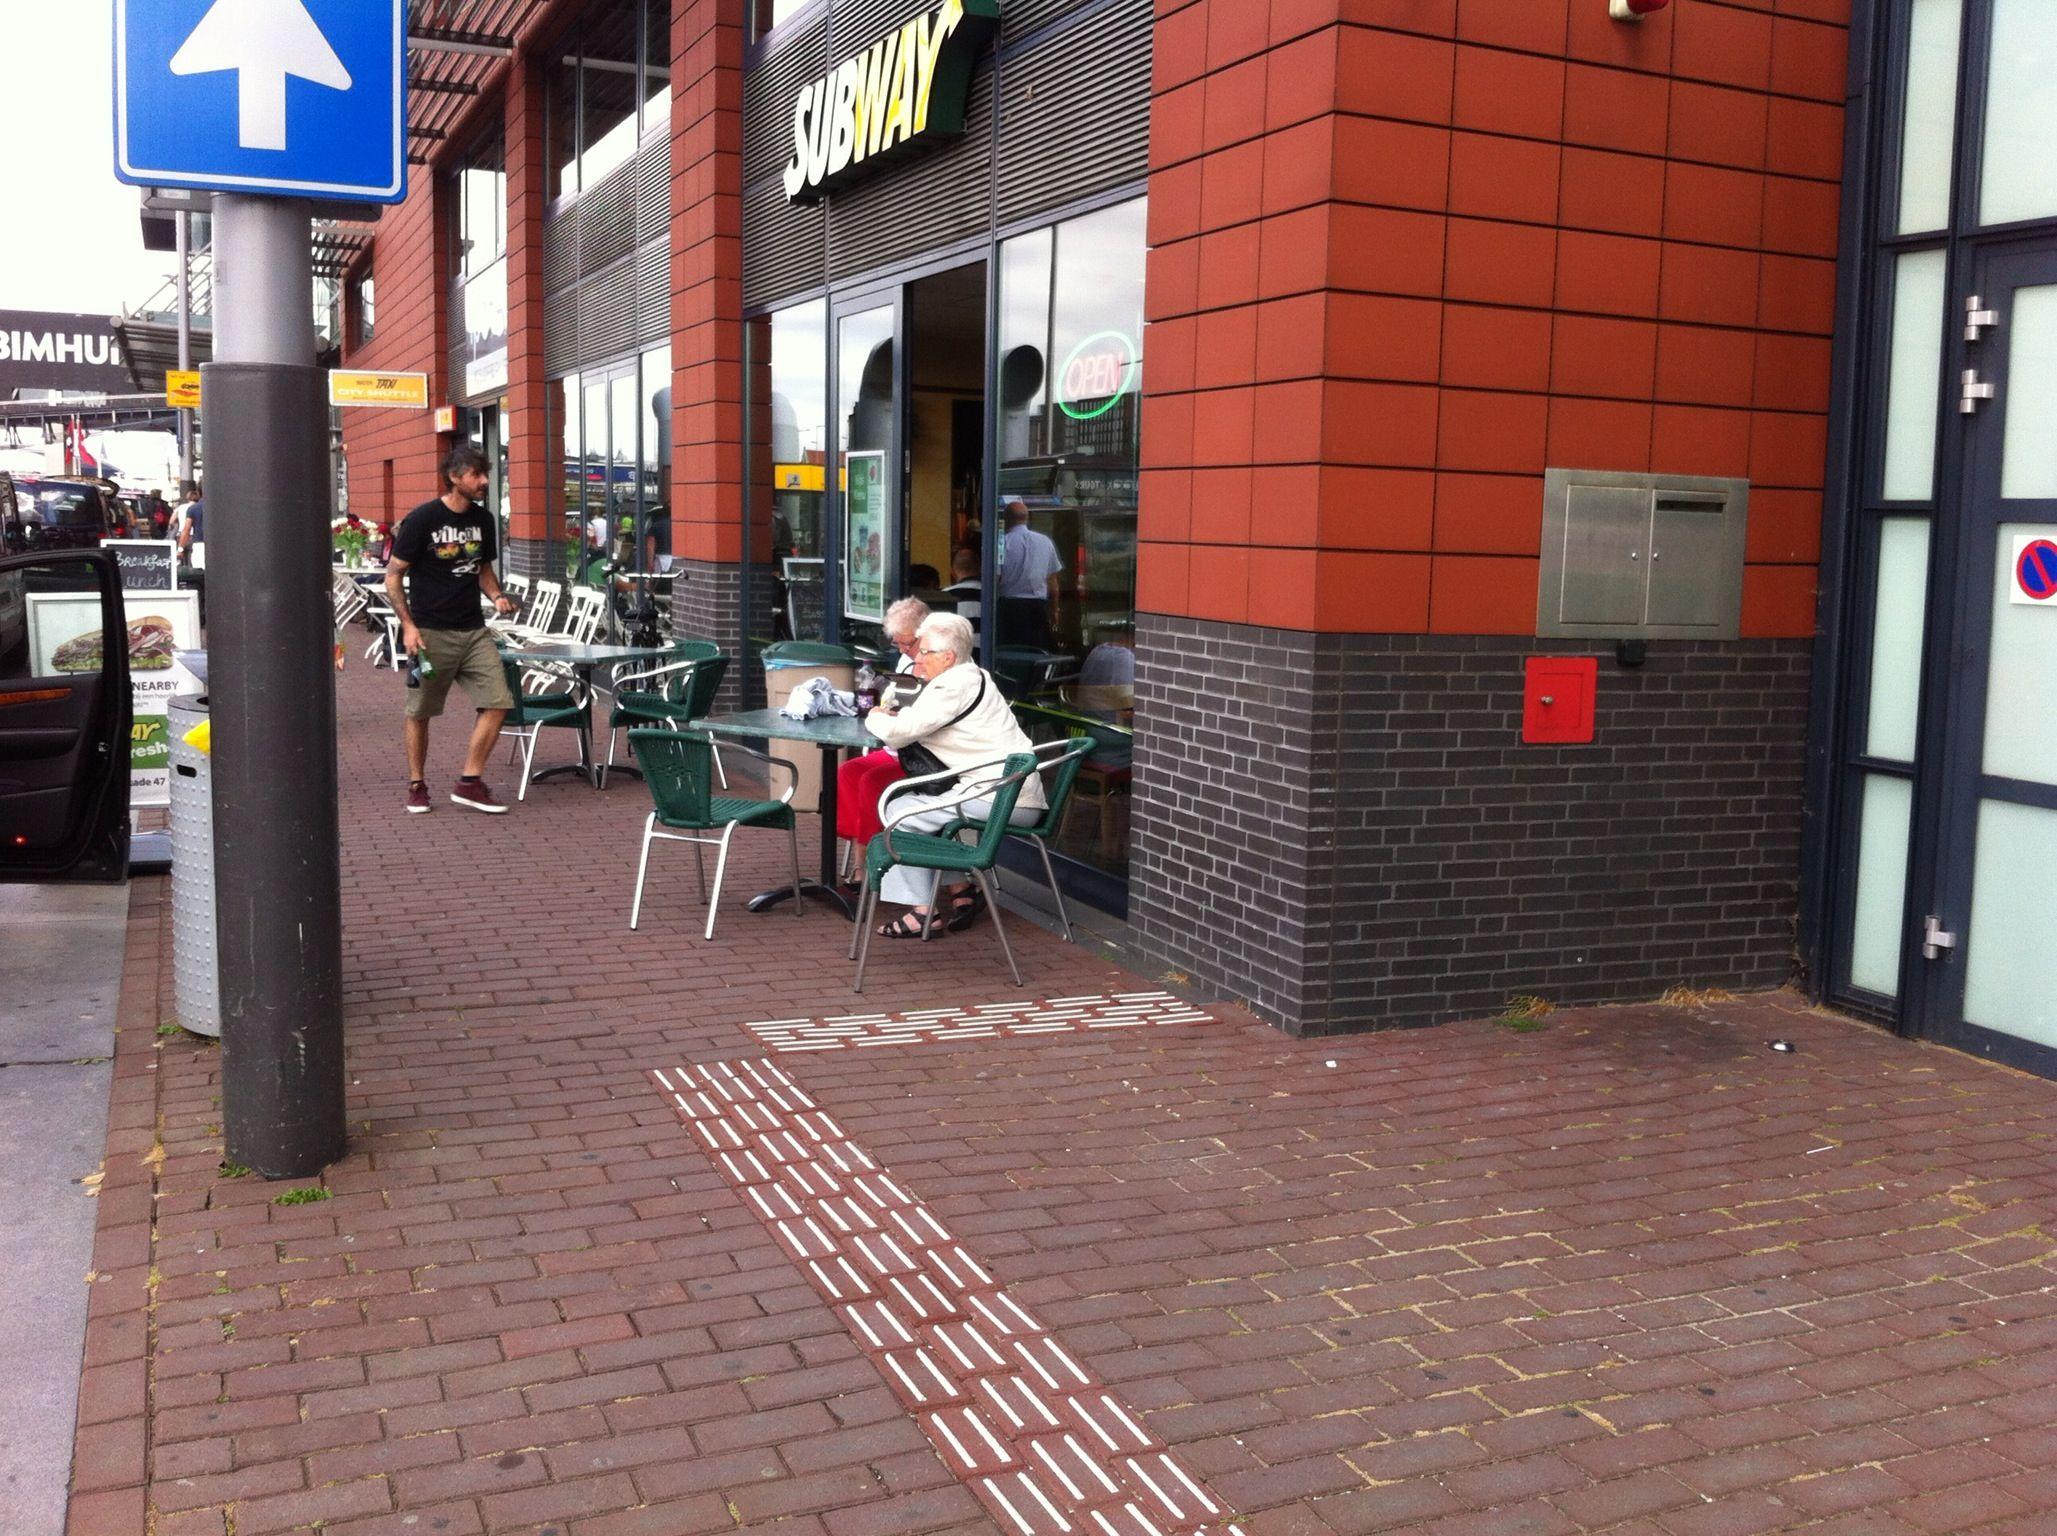 Piet Hein Kade Amsterdam, de geleidelijnen voor de Passengers Terminal zet je af op het terras van de Subway.